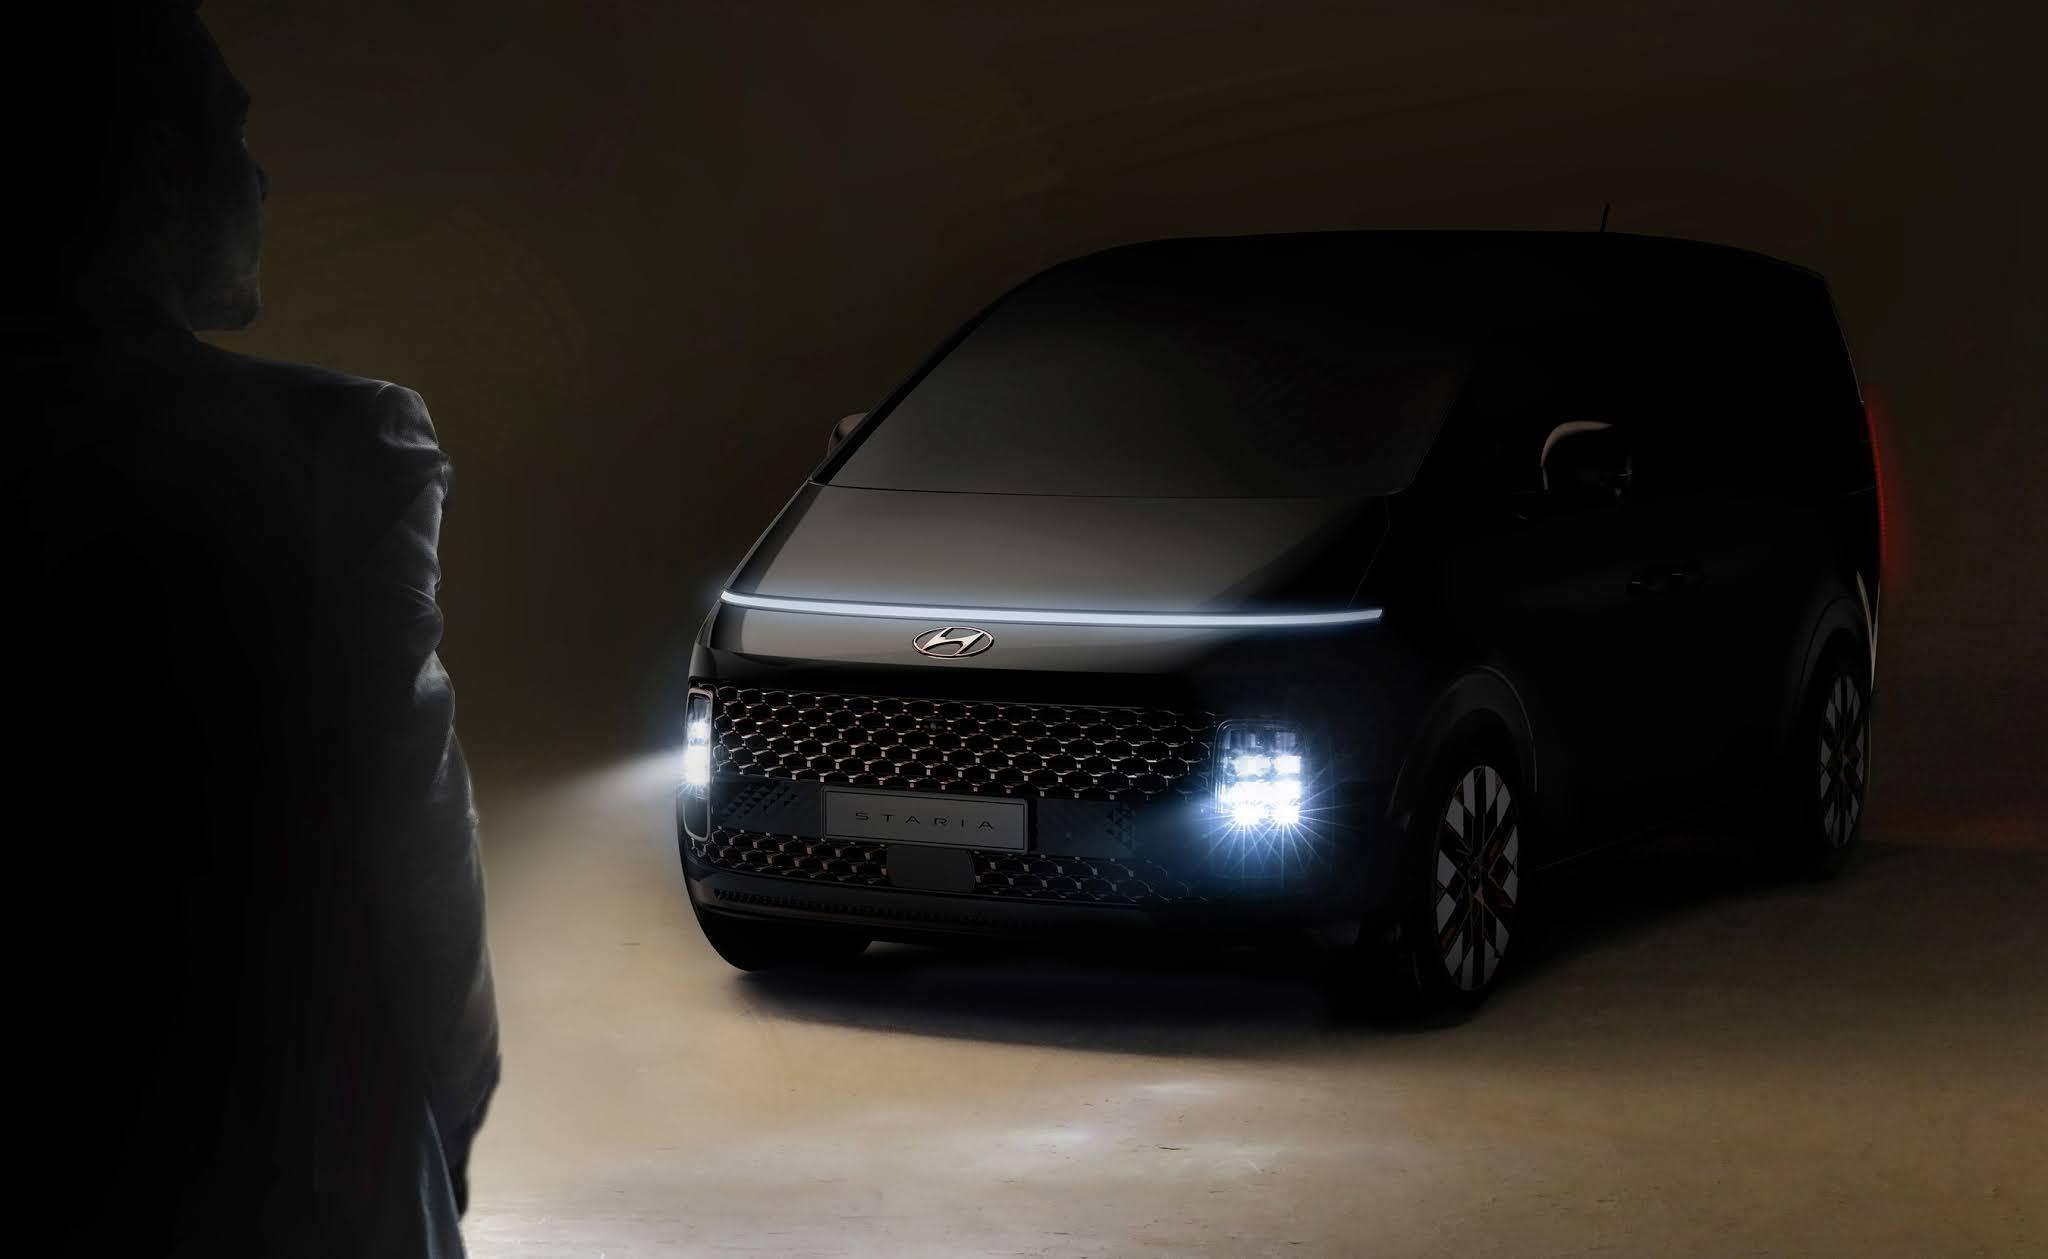 Hyundai reveals new multi-purpose vehicle